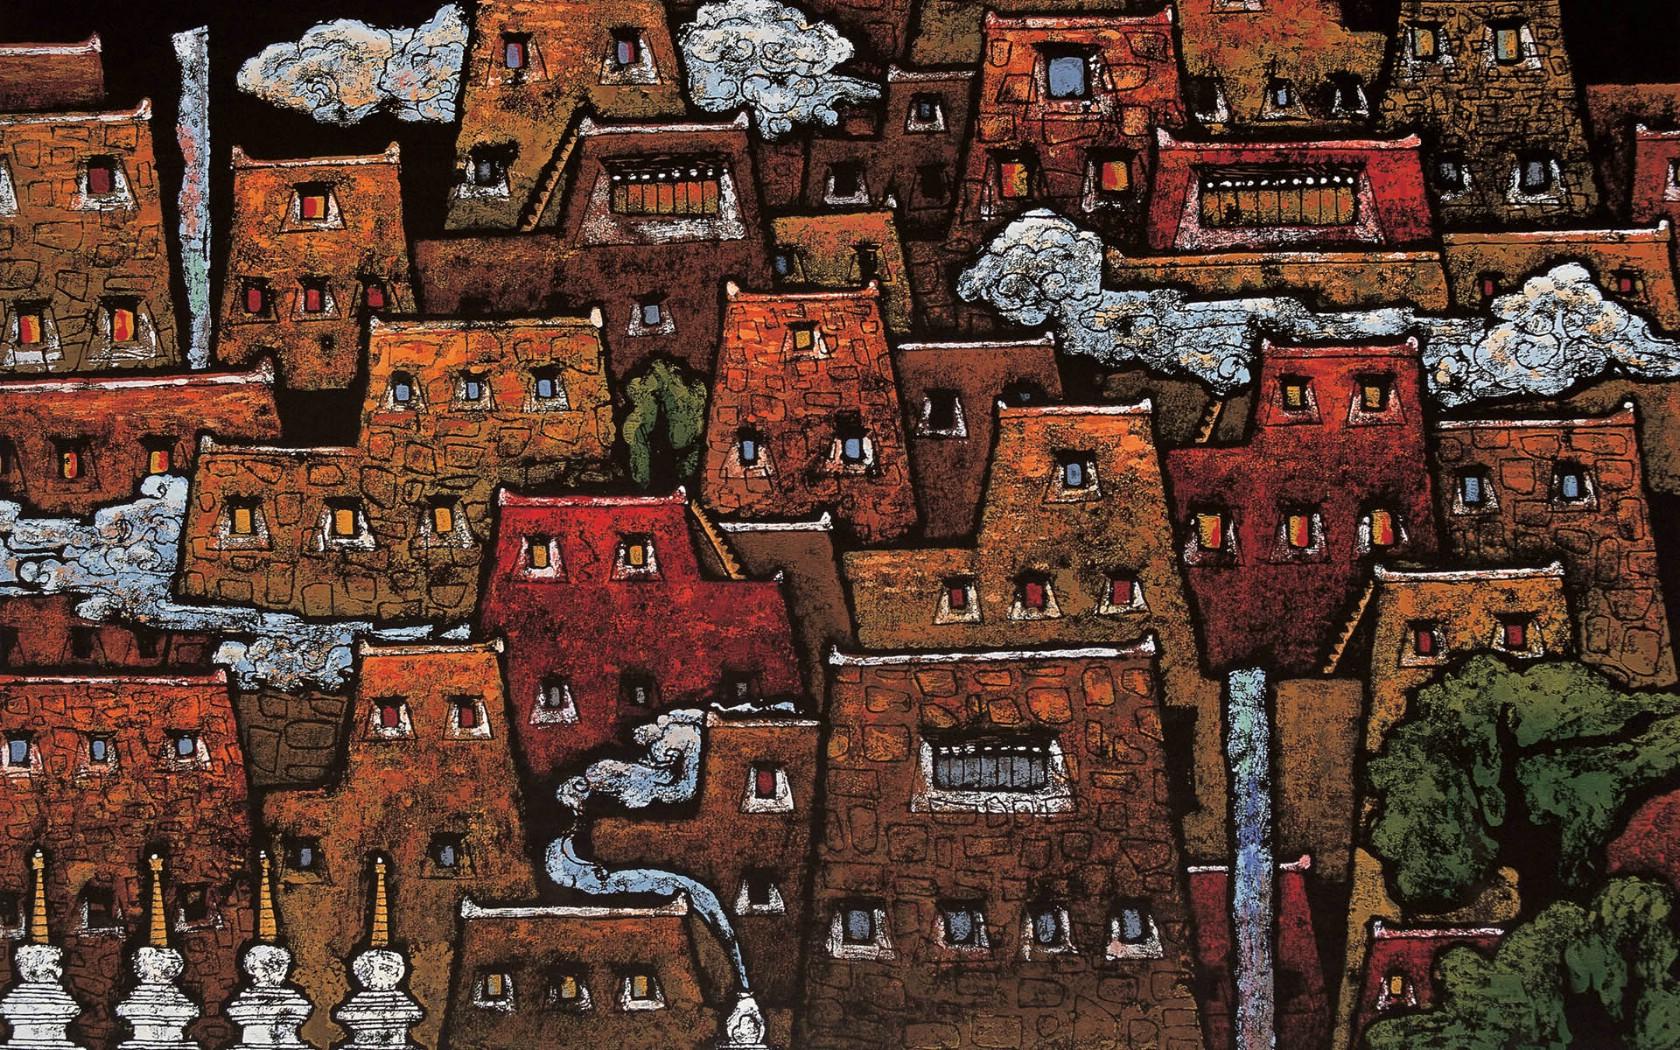 壁纸1680×1050藏族祥巴版画 壁纸40壁纸 藏族祥巴版画壁纸图片绘画壁纸绘画图片素材桌面壁纸